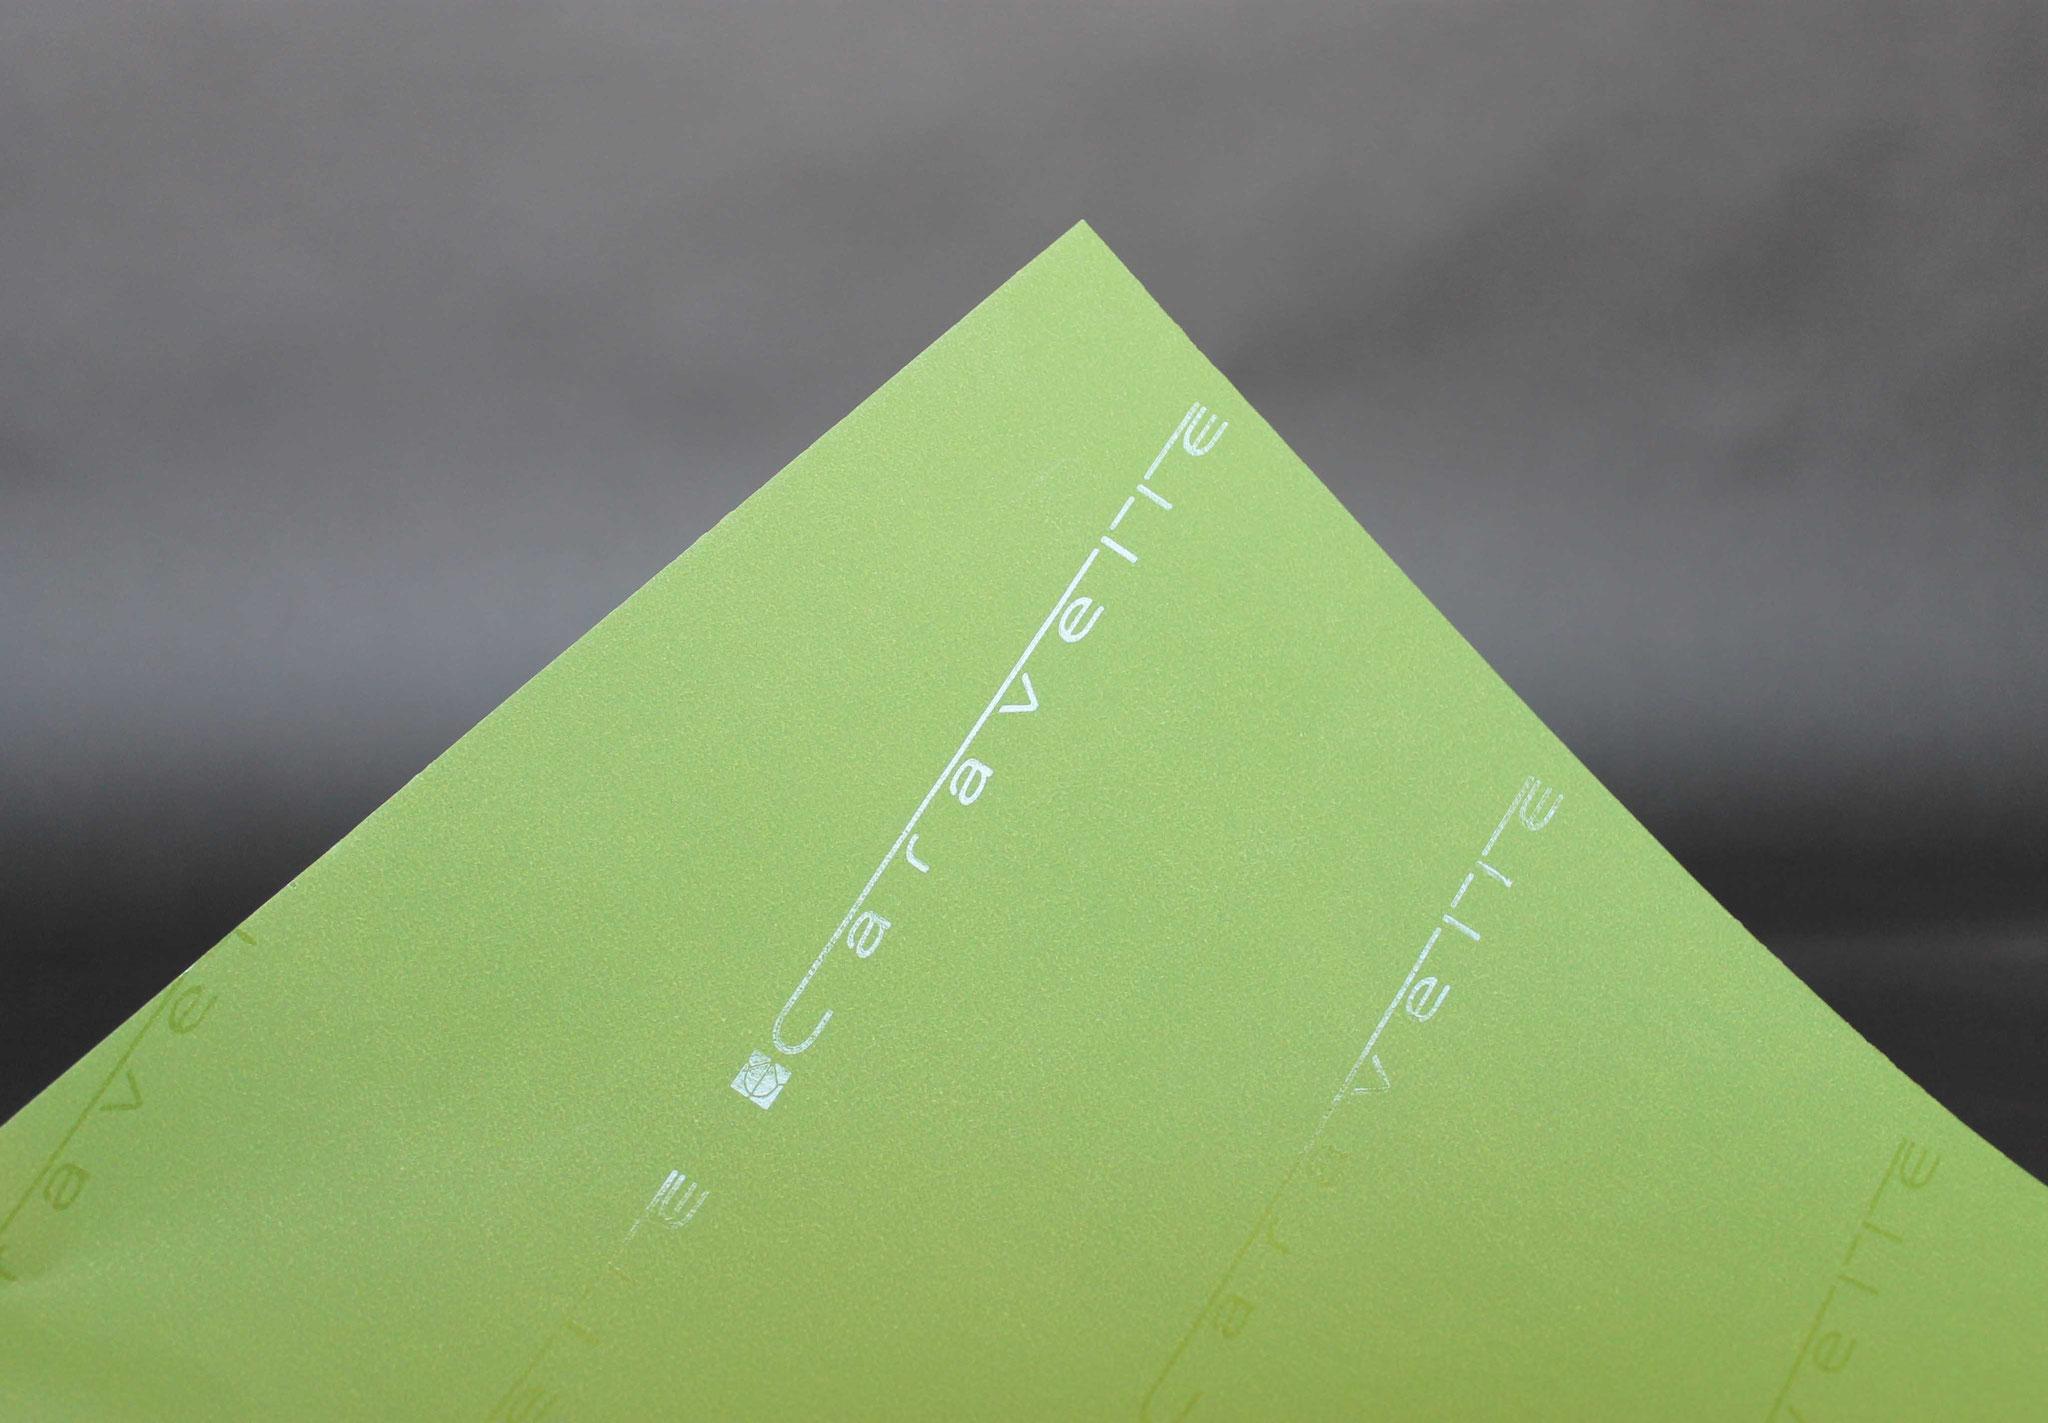 Druck: UV-Glanz, Papier: einseitig Grün